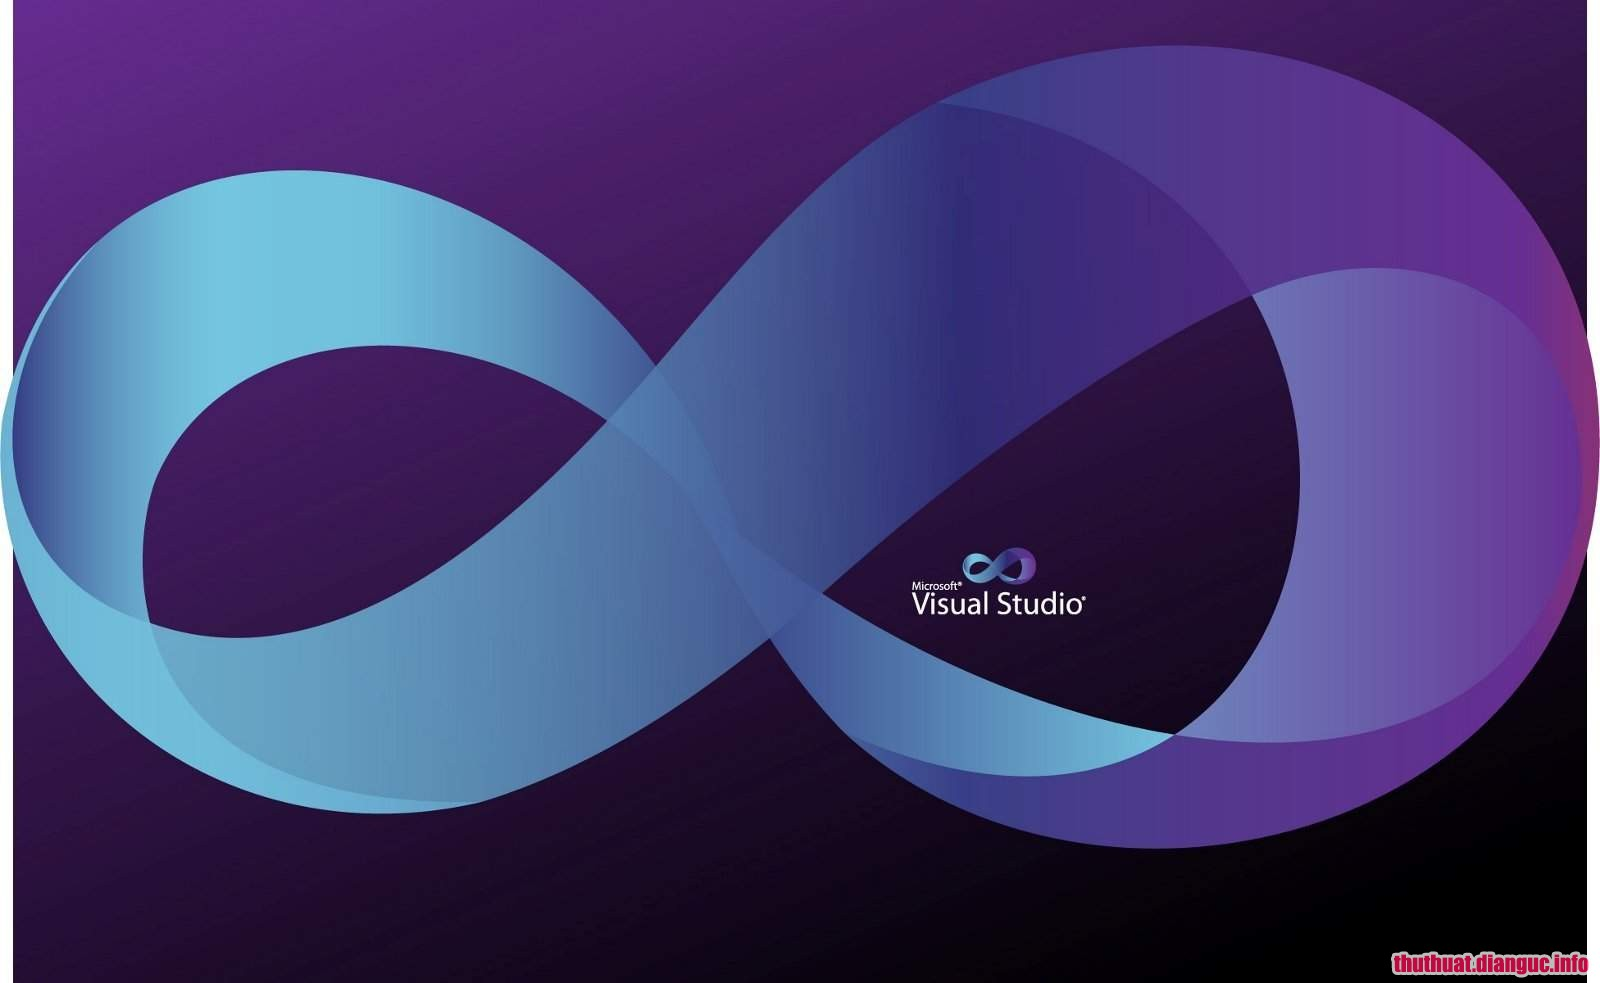 Download Visual Studio 2005 2008 2010 2012 2013 2015 2017 Full Crack, Download Visual Studio 2005 2008 2010 2012 2013 2015 2017 Full key, Visual Studio free download, Visual Studio full key,